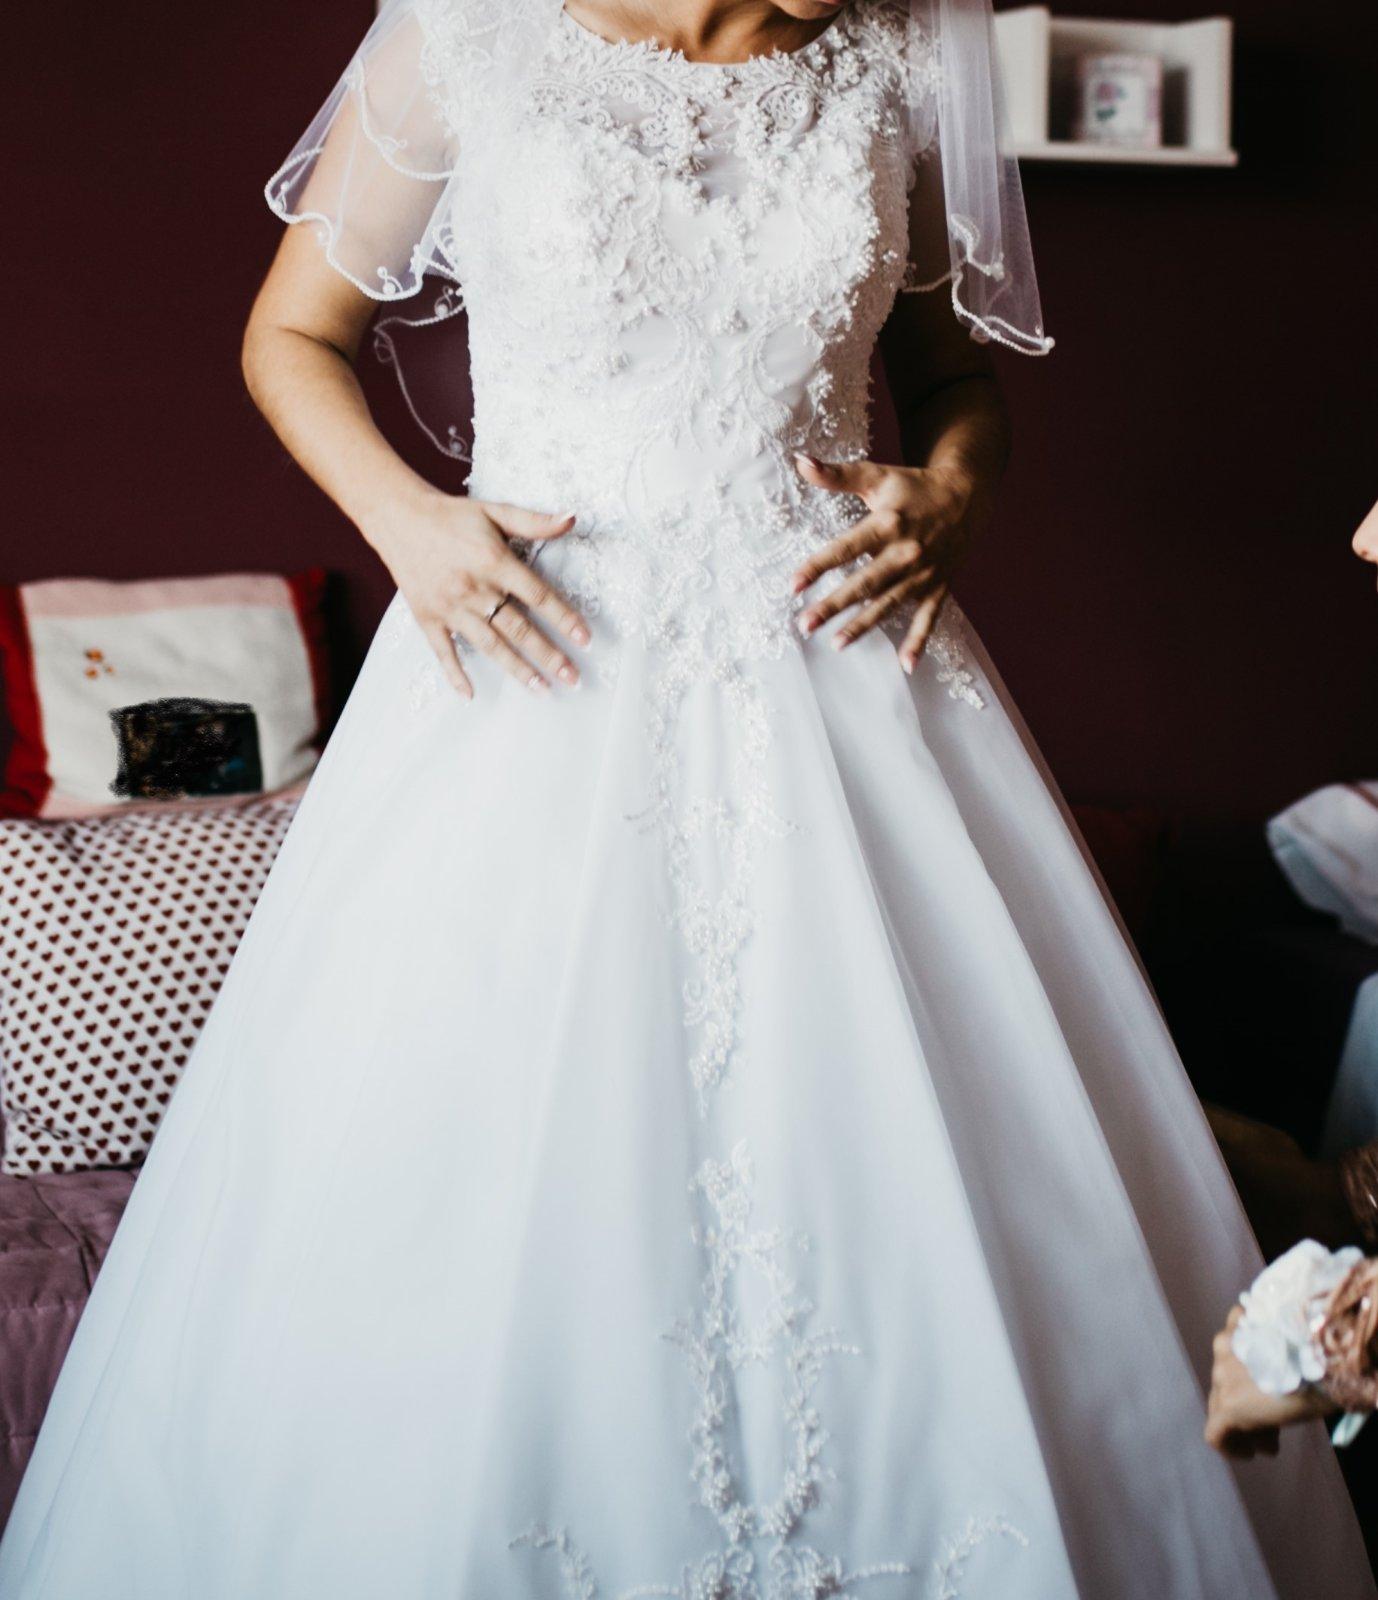 Svadobné šaty Infinity 18 - Obrázok č. 1